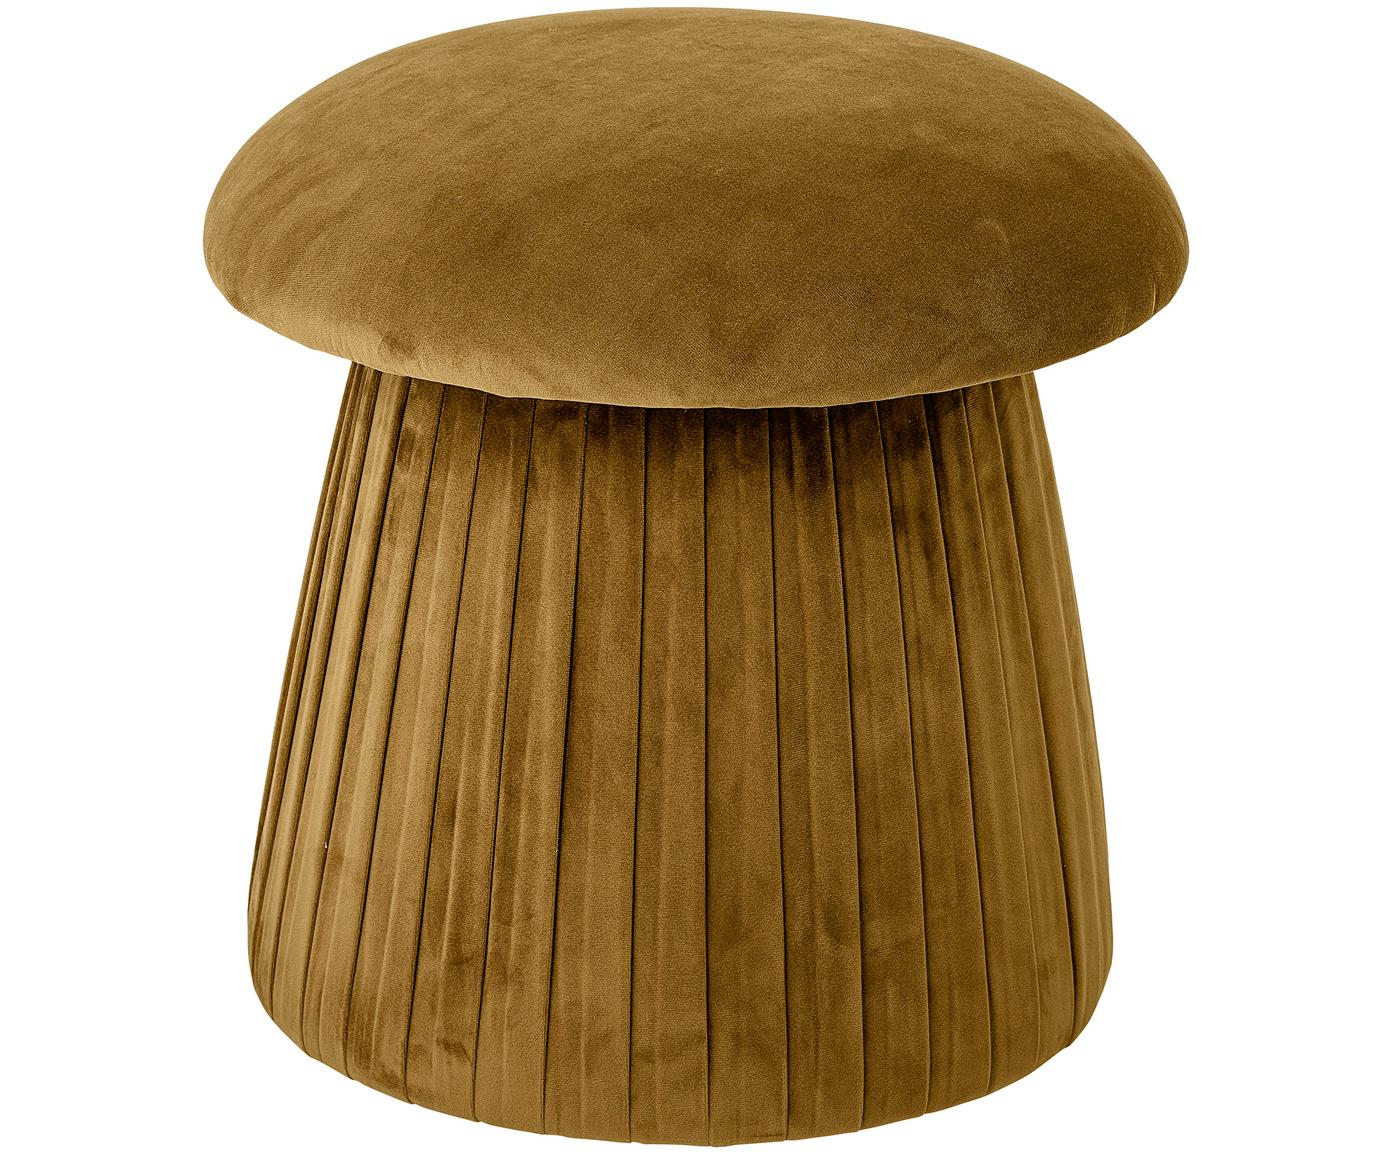 Samt-Pouf Roberta, Bezug: Polyestersamt 40.000 Sche, Gestell: Mitteldichte Holzfaserpla, Braun, Ø 44 x H 45 cm